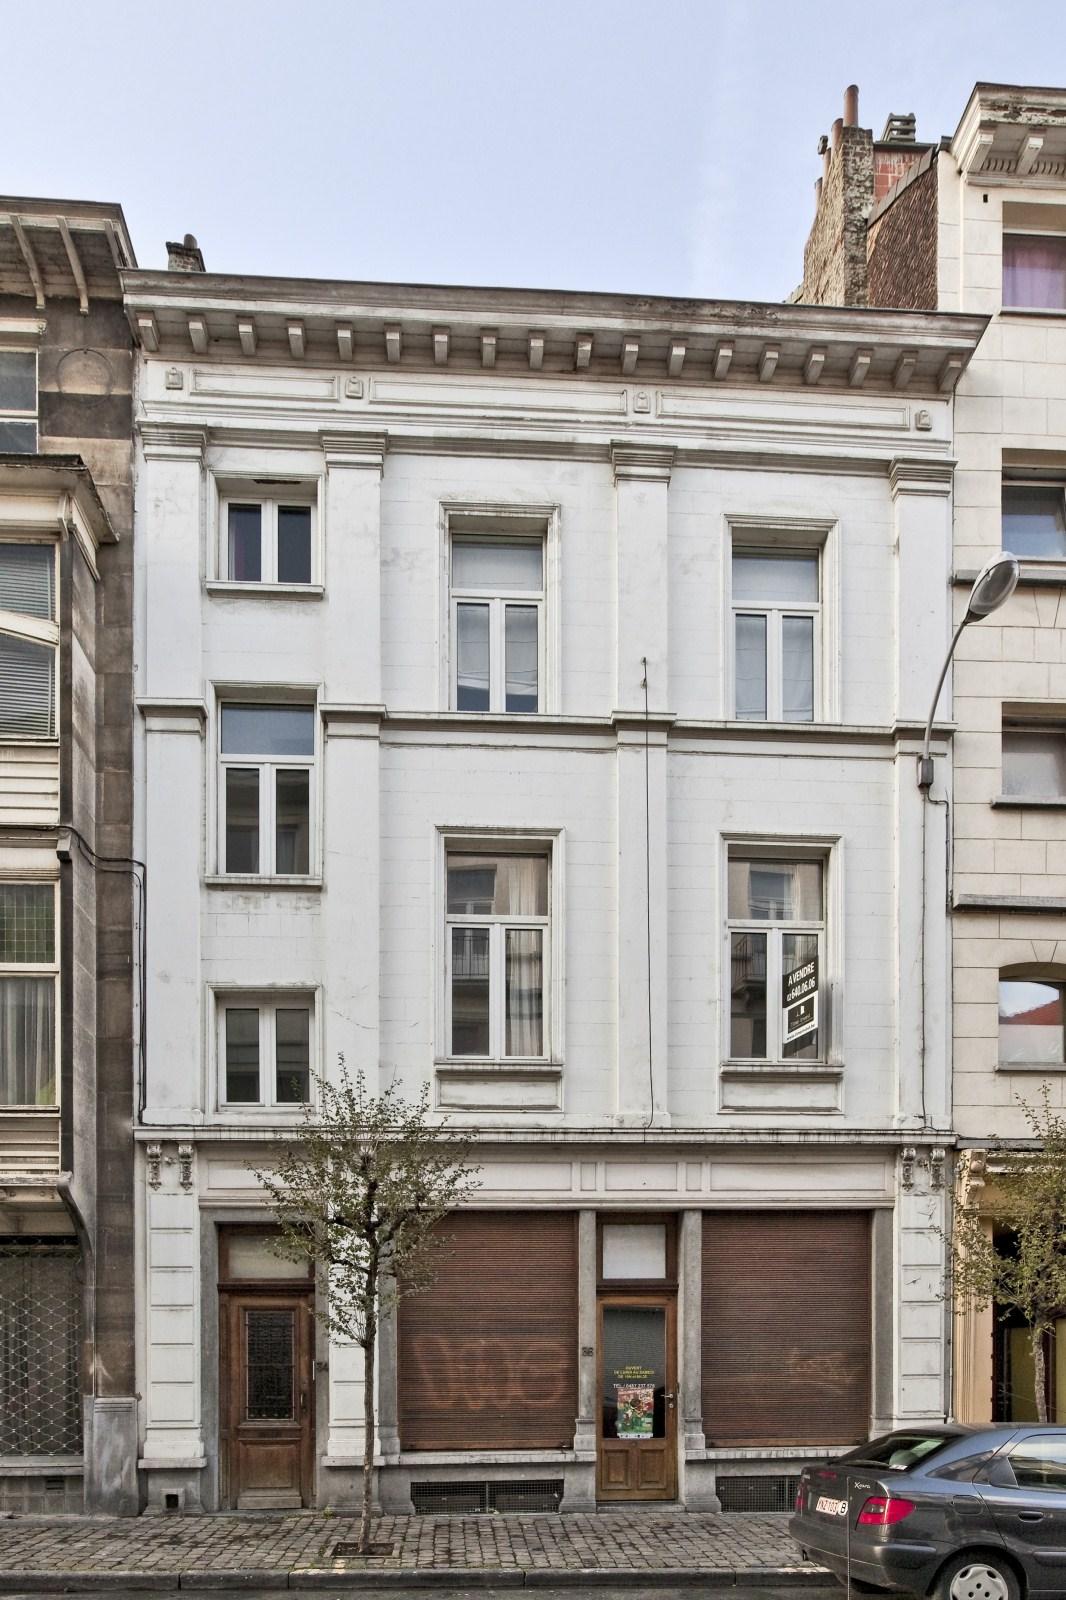 Rue Ernest Solvay 34-36.© 2009 © bepictures / BRUNETTA V. – EBERLIN M.